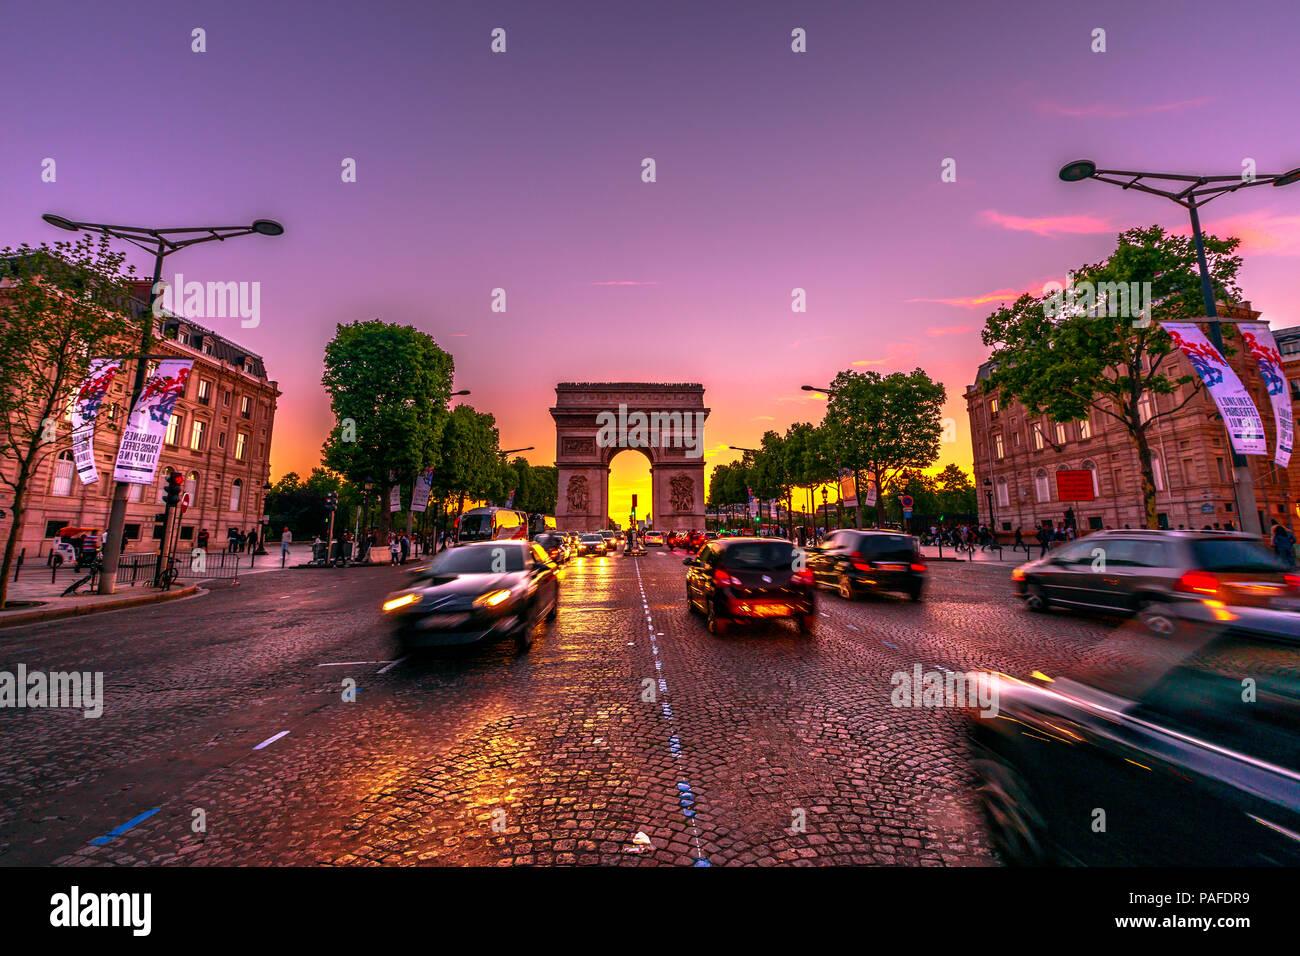 París, Francia - Julio 2, 2017: Avenue des Champs Elysées y el Arc de Triomphe icónica en penumbra con traffic street. Arco del Triunfo en un colorido atardecer cielo. Foto de stock